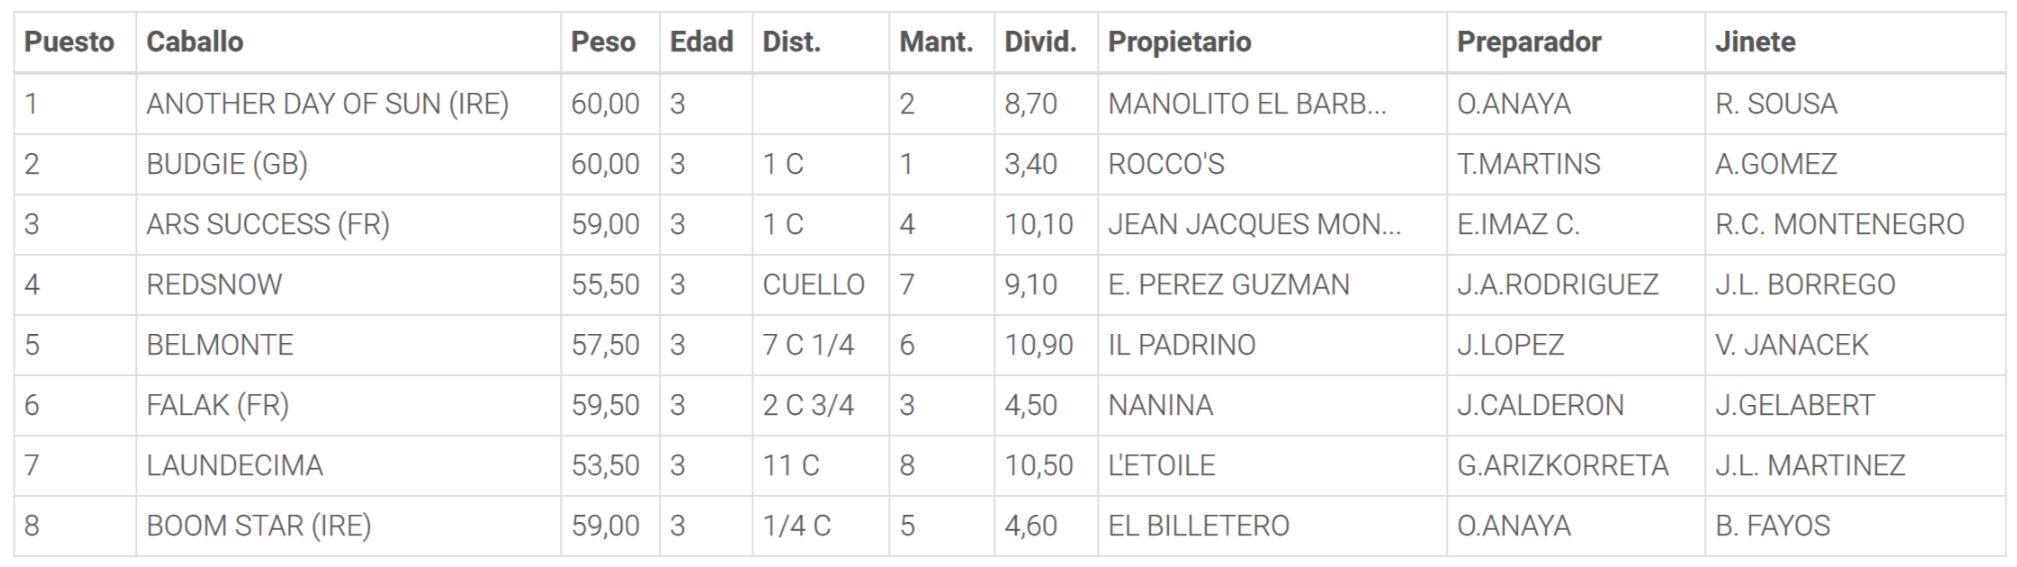 Resultados de la Carrera 5. Hipódromo de la Zarzuela